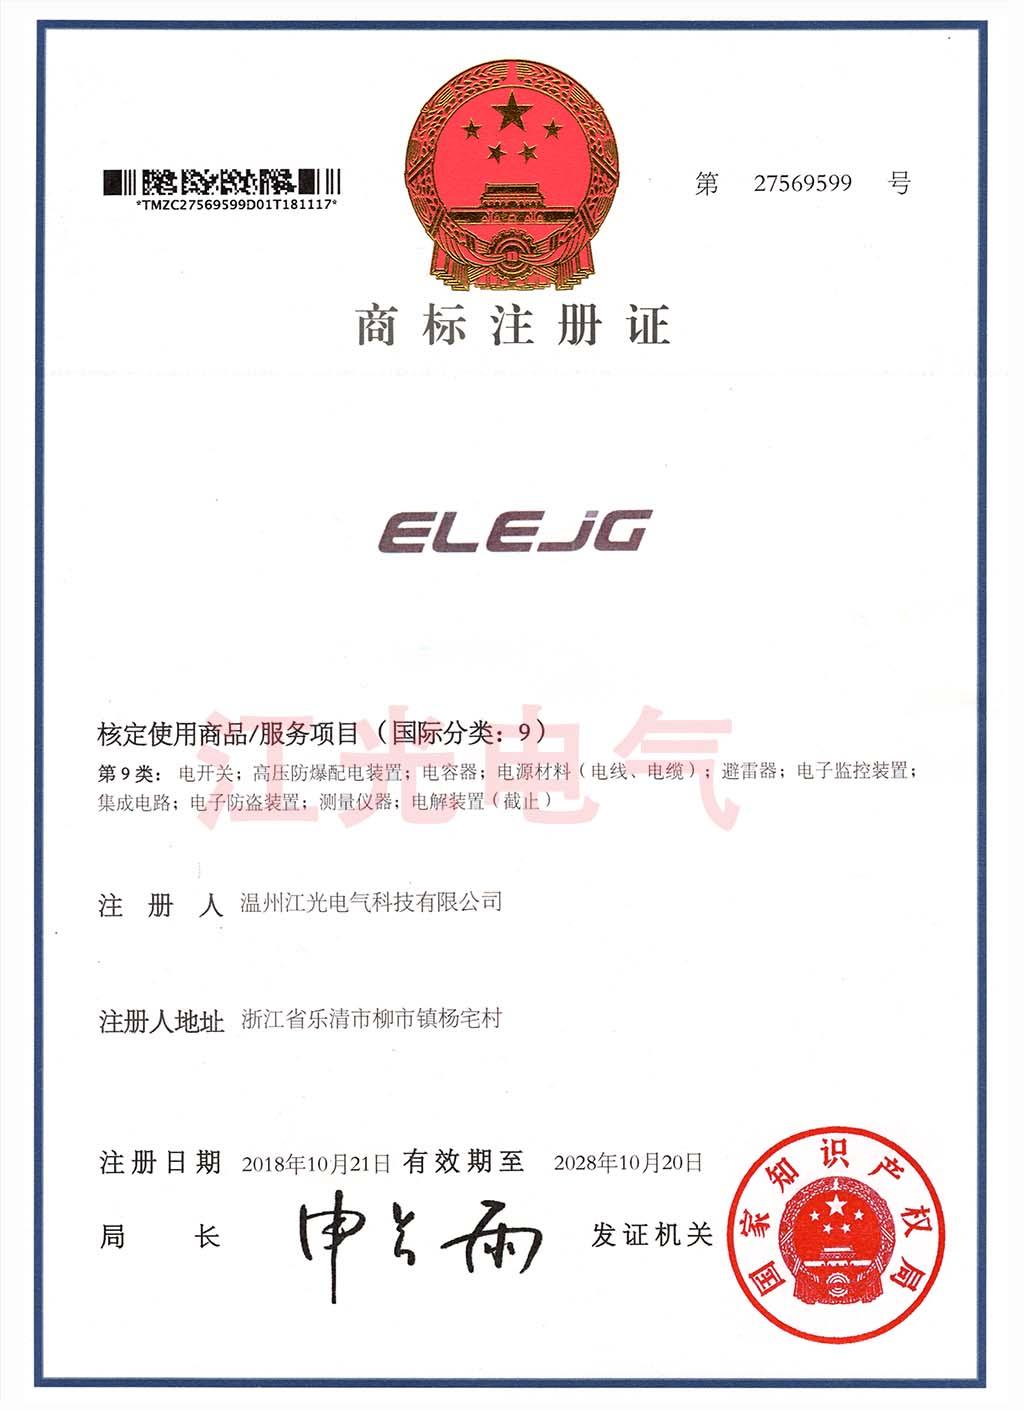 江光电气 公司商标证书ELEJG